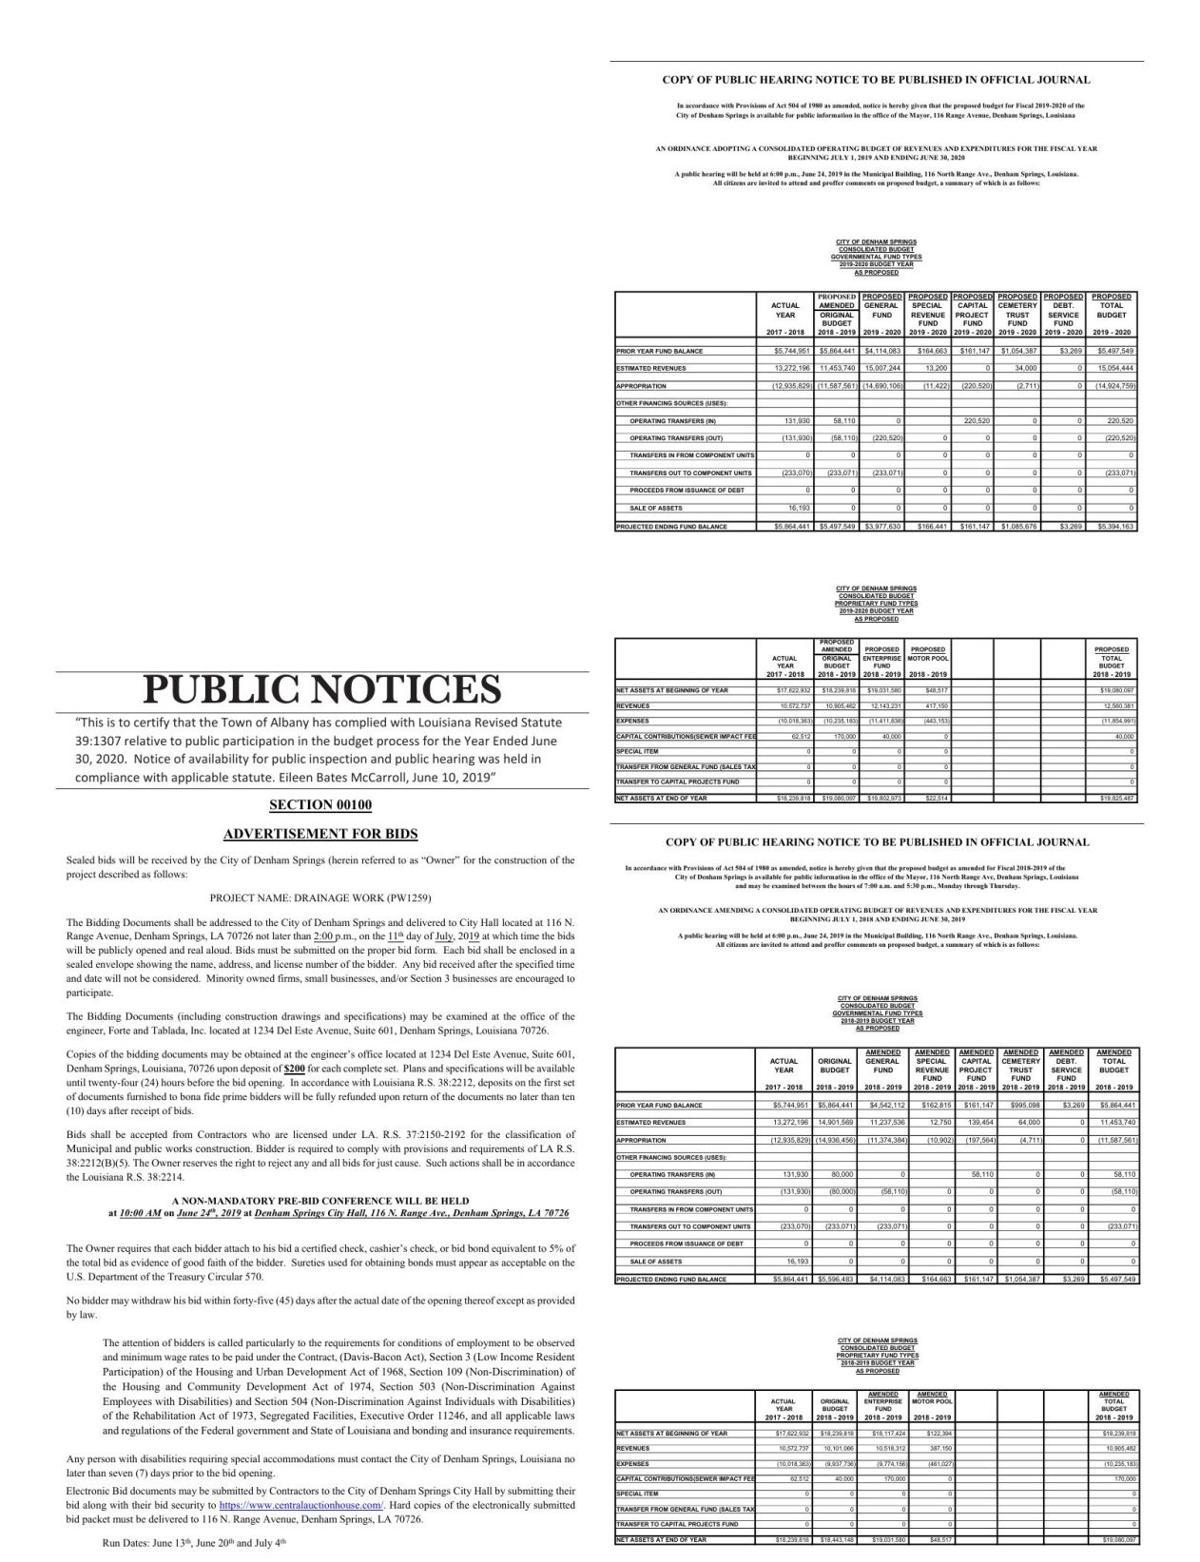 Public Notices published June 13, 2019